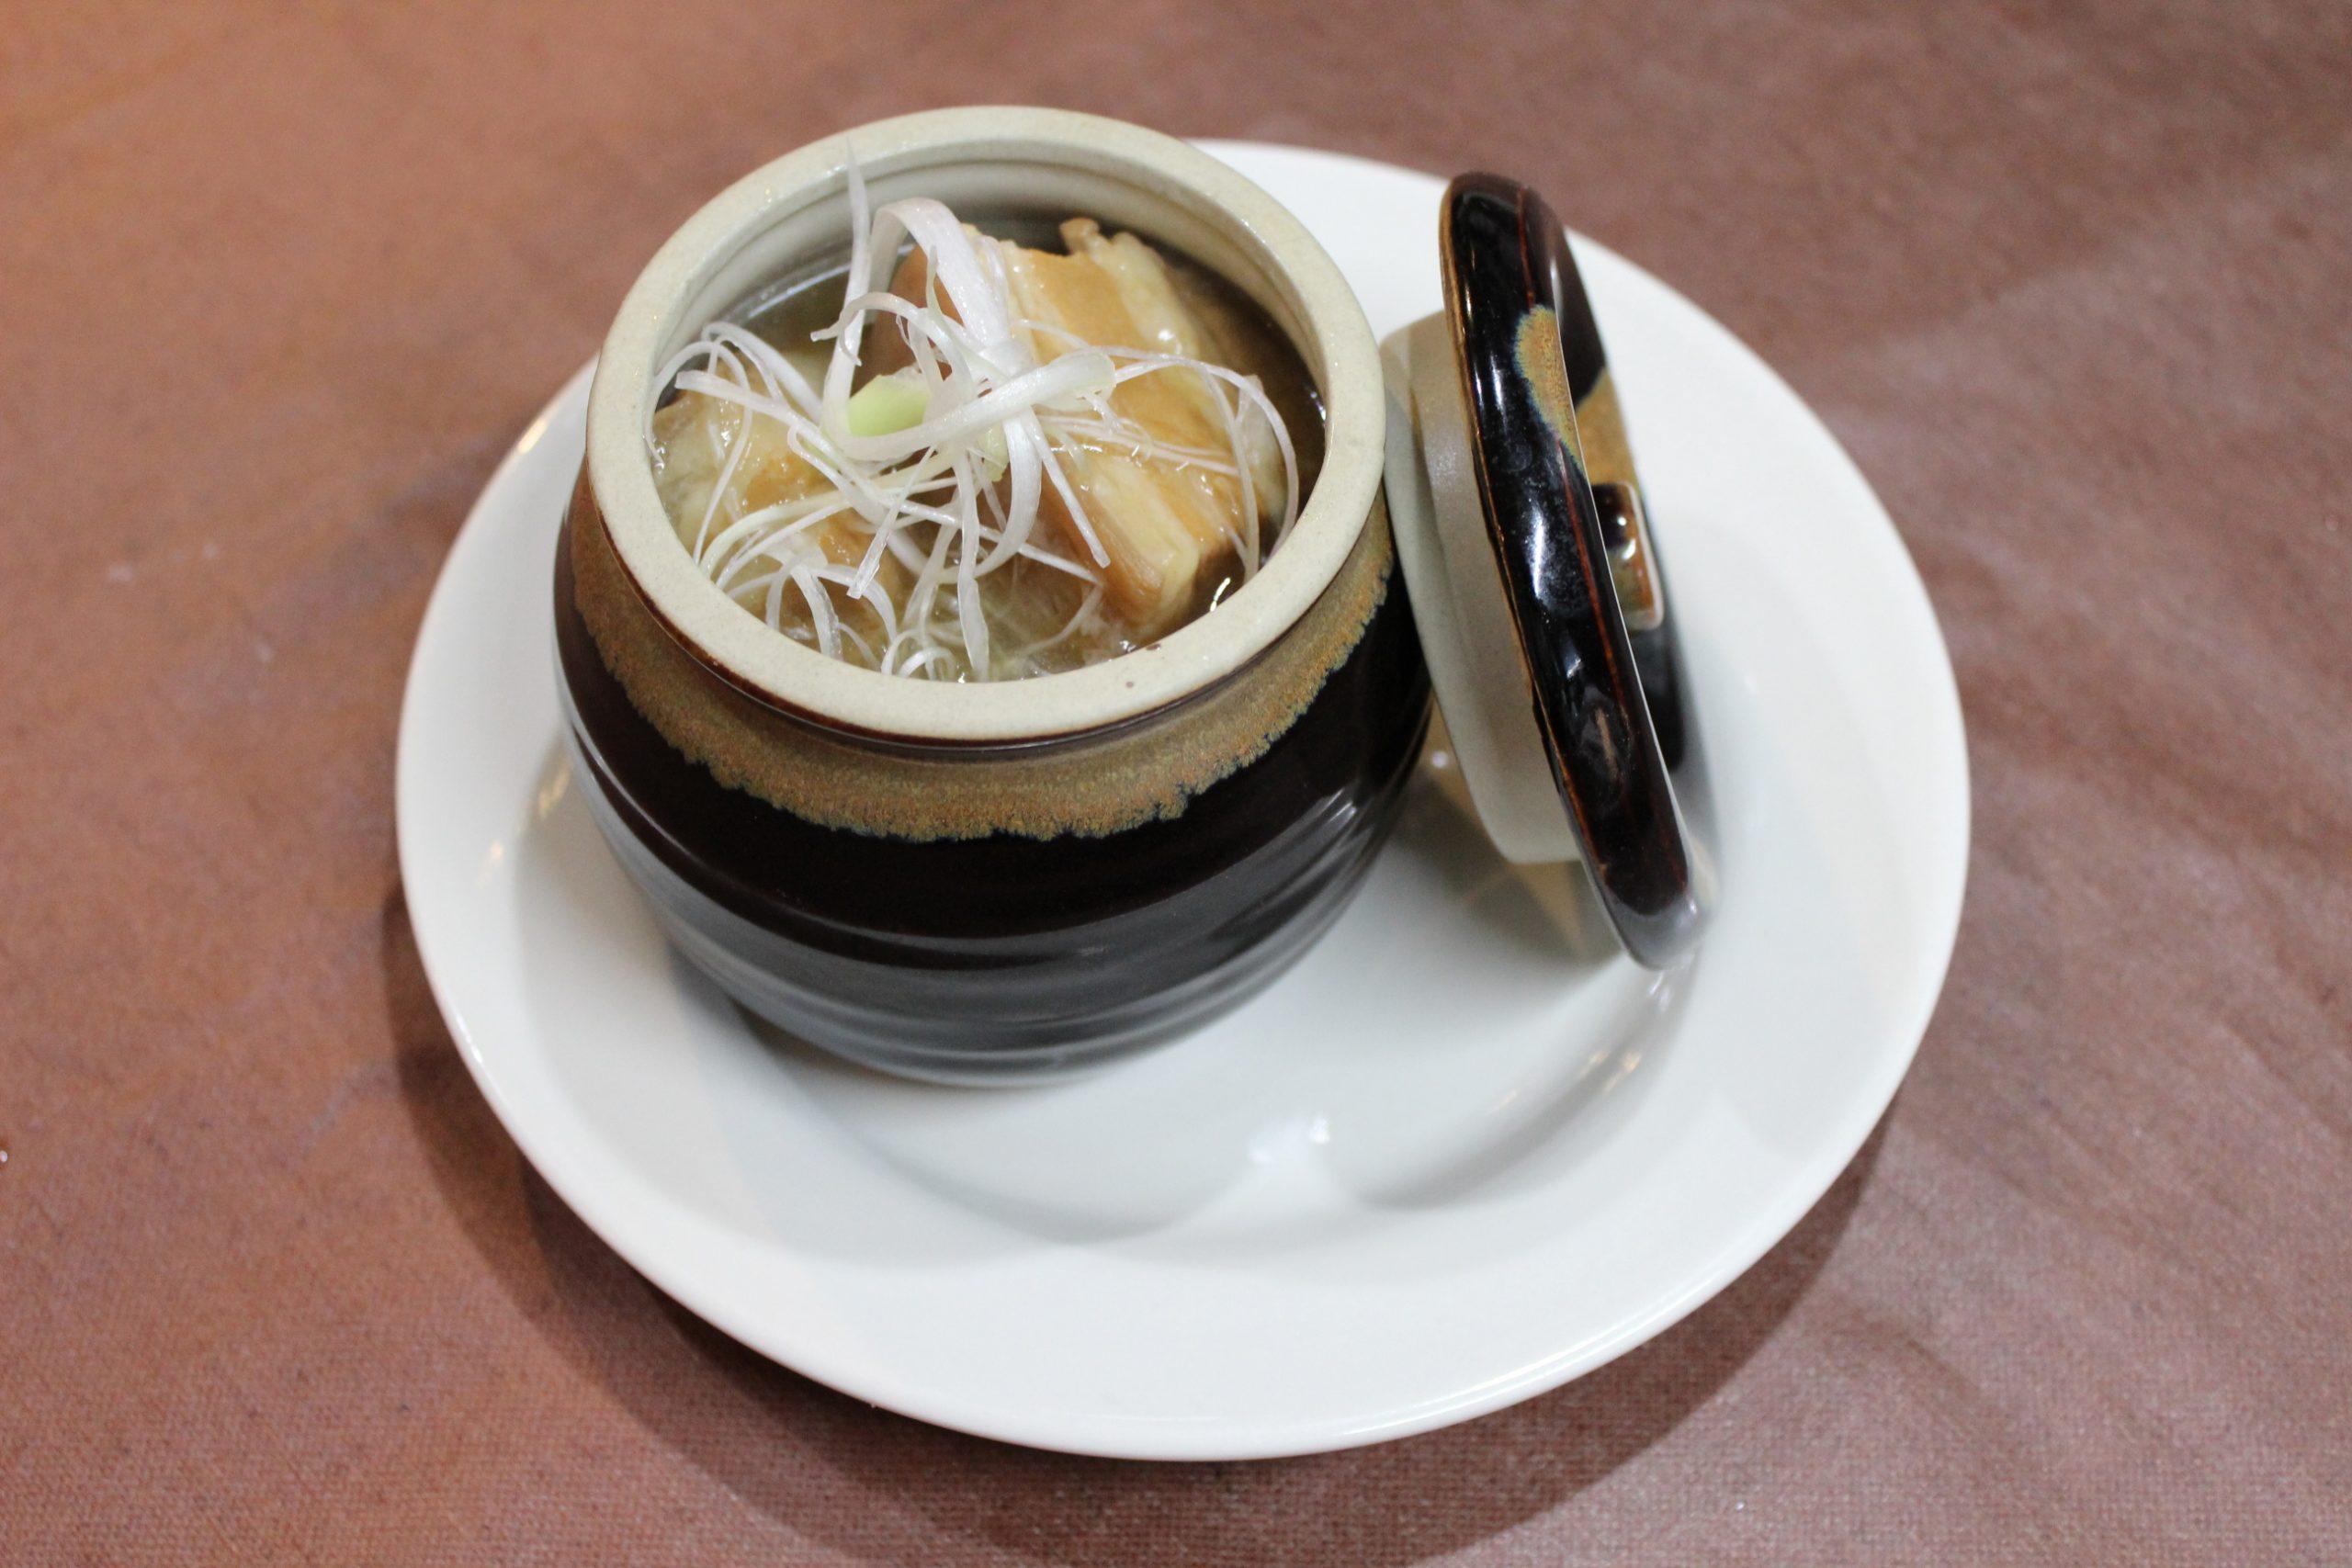 【東坡肉】豚の角煮の薬膳スープ煮込み